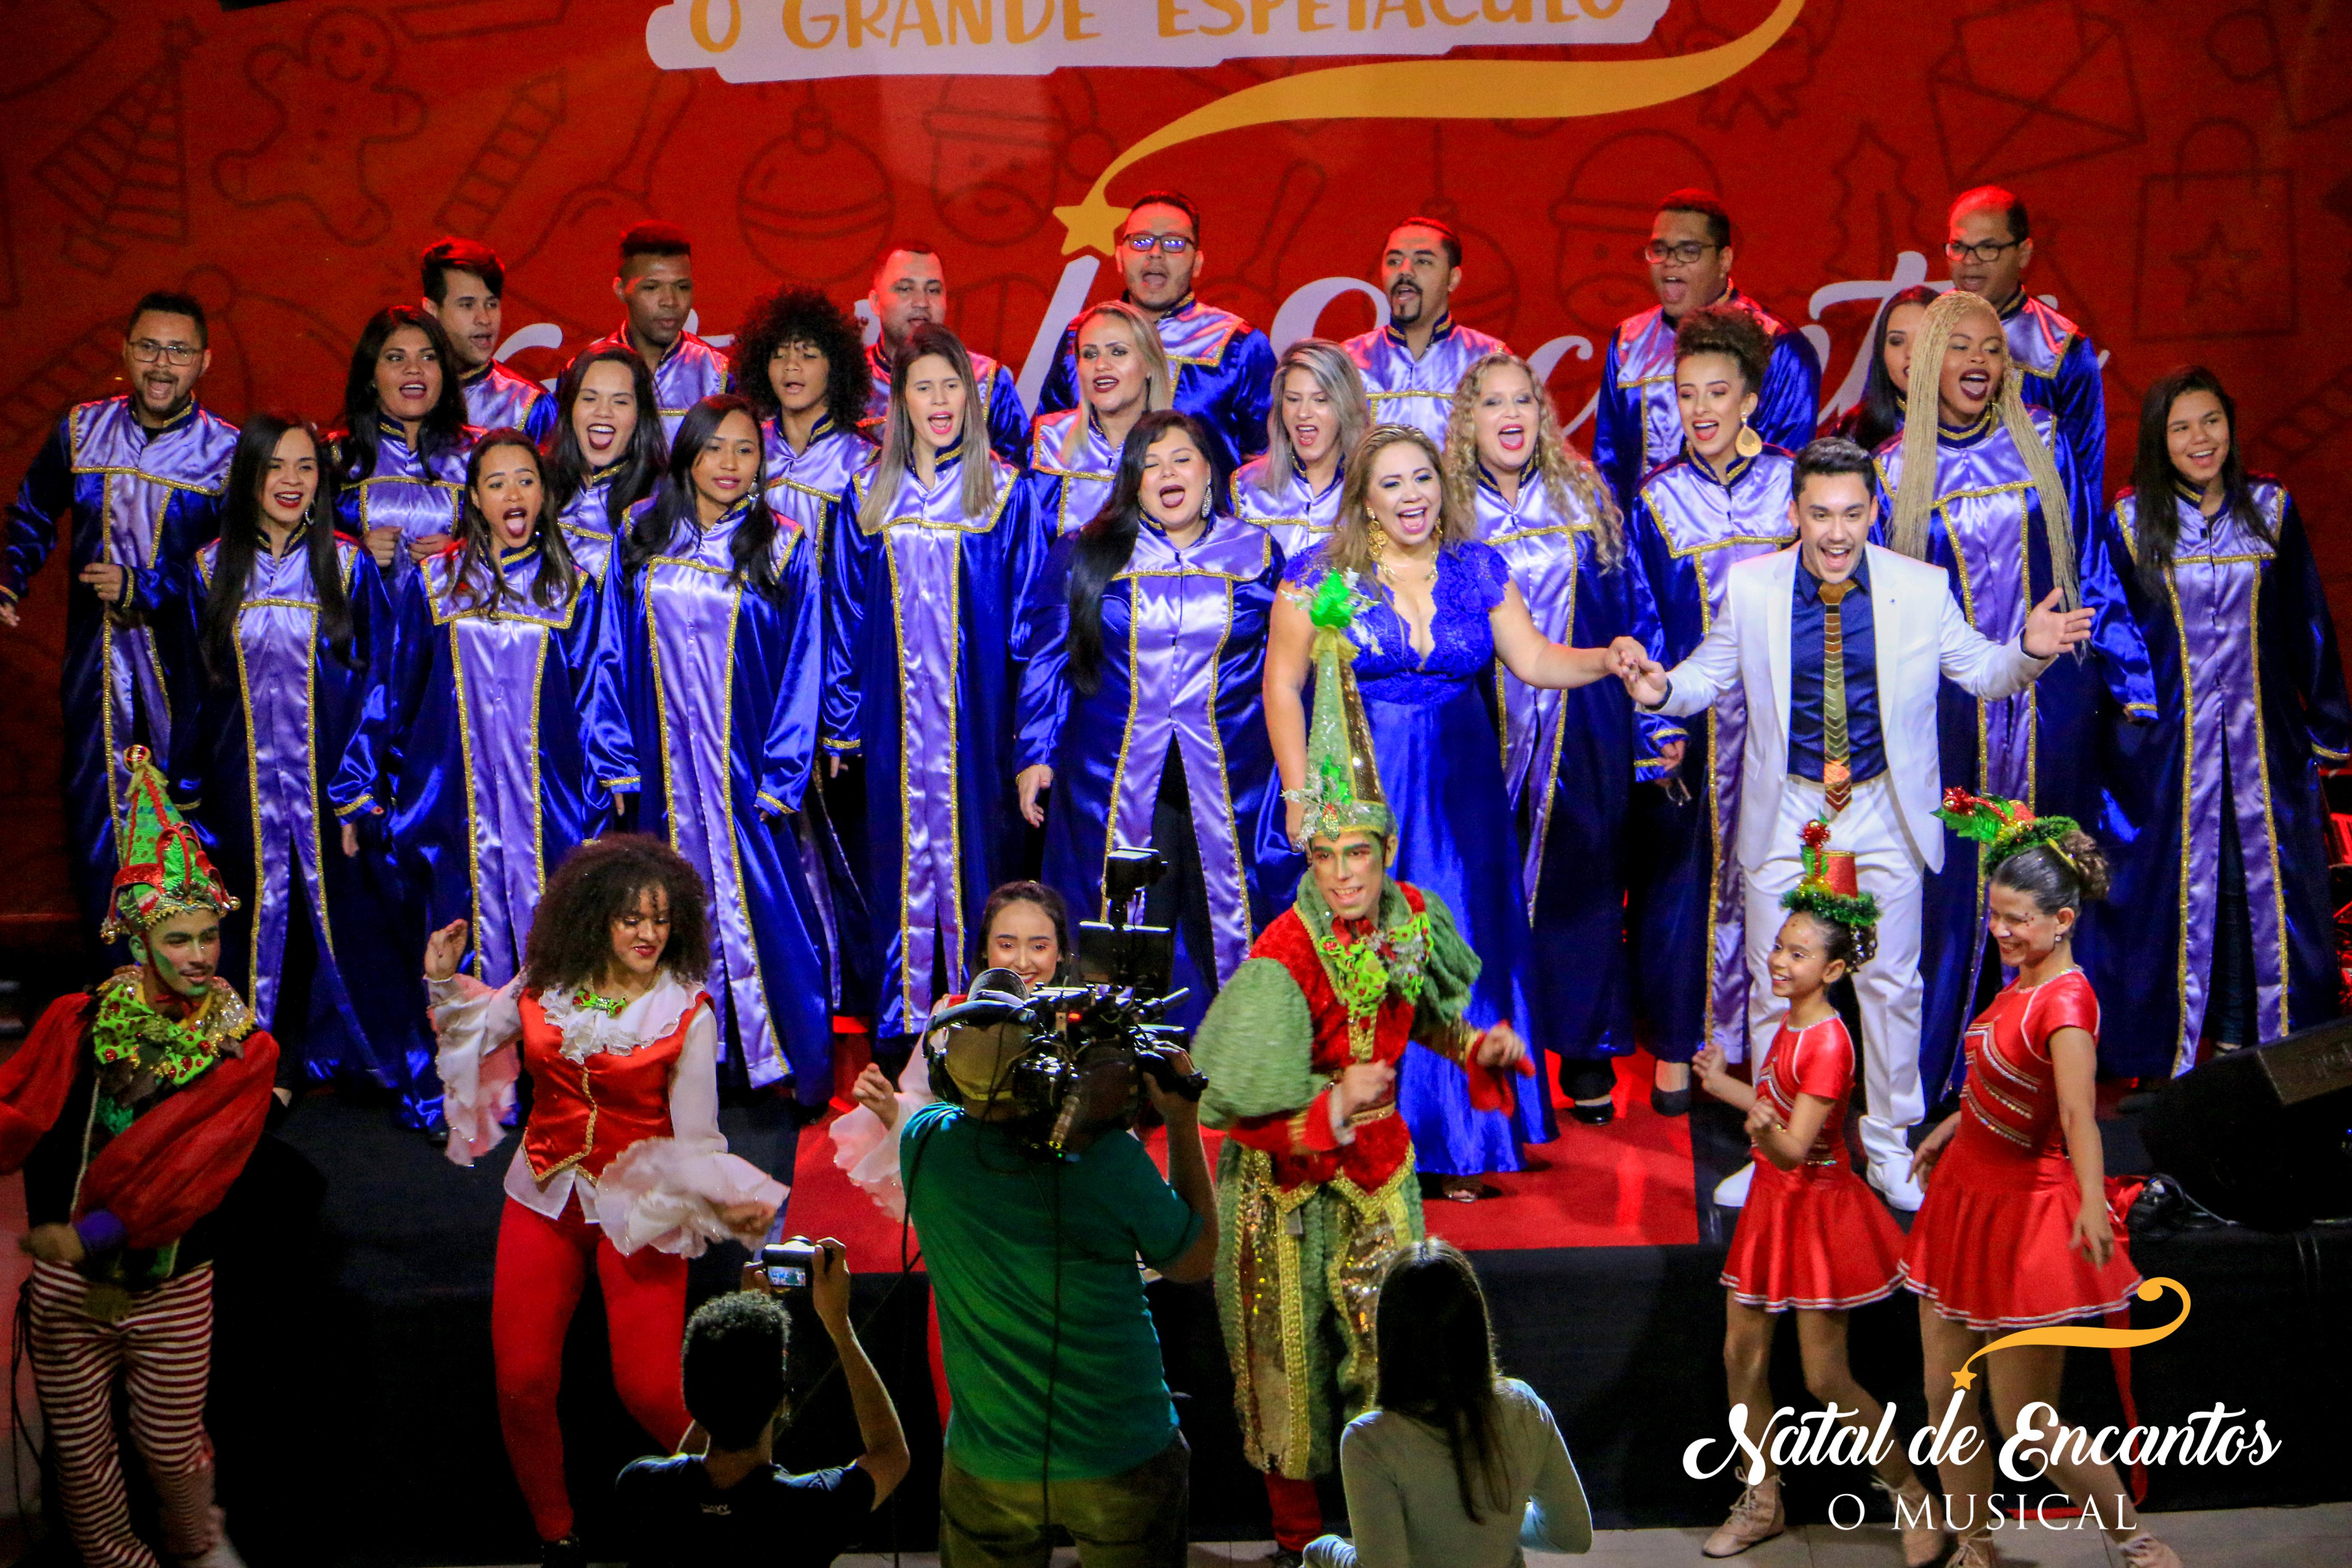 Goiânia recebe maior espetáculo natalino do estado